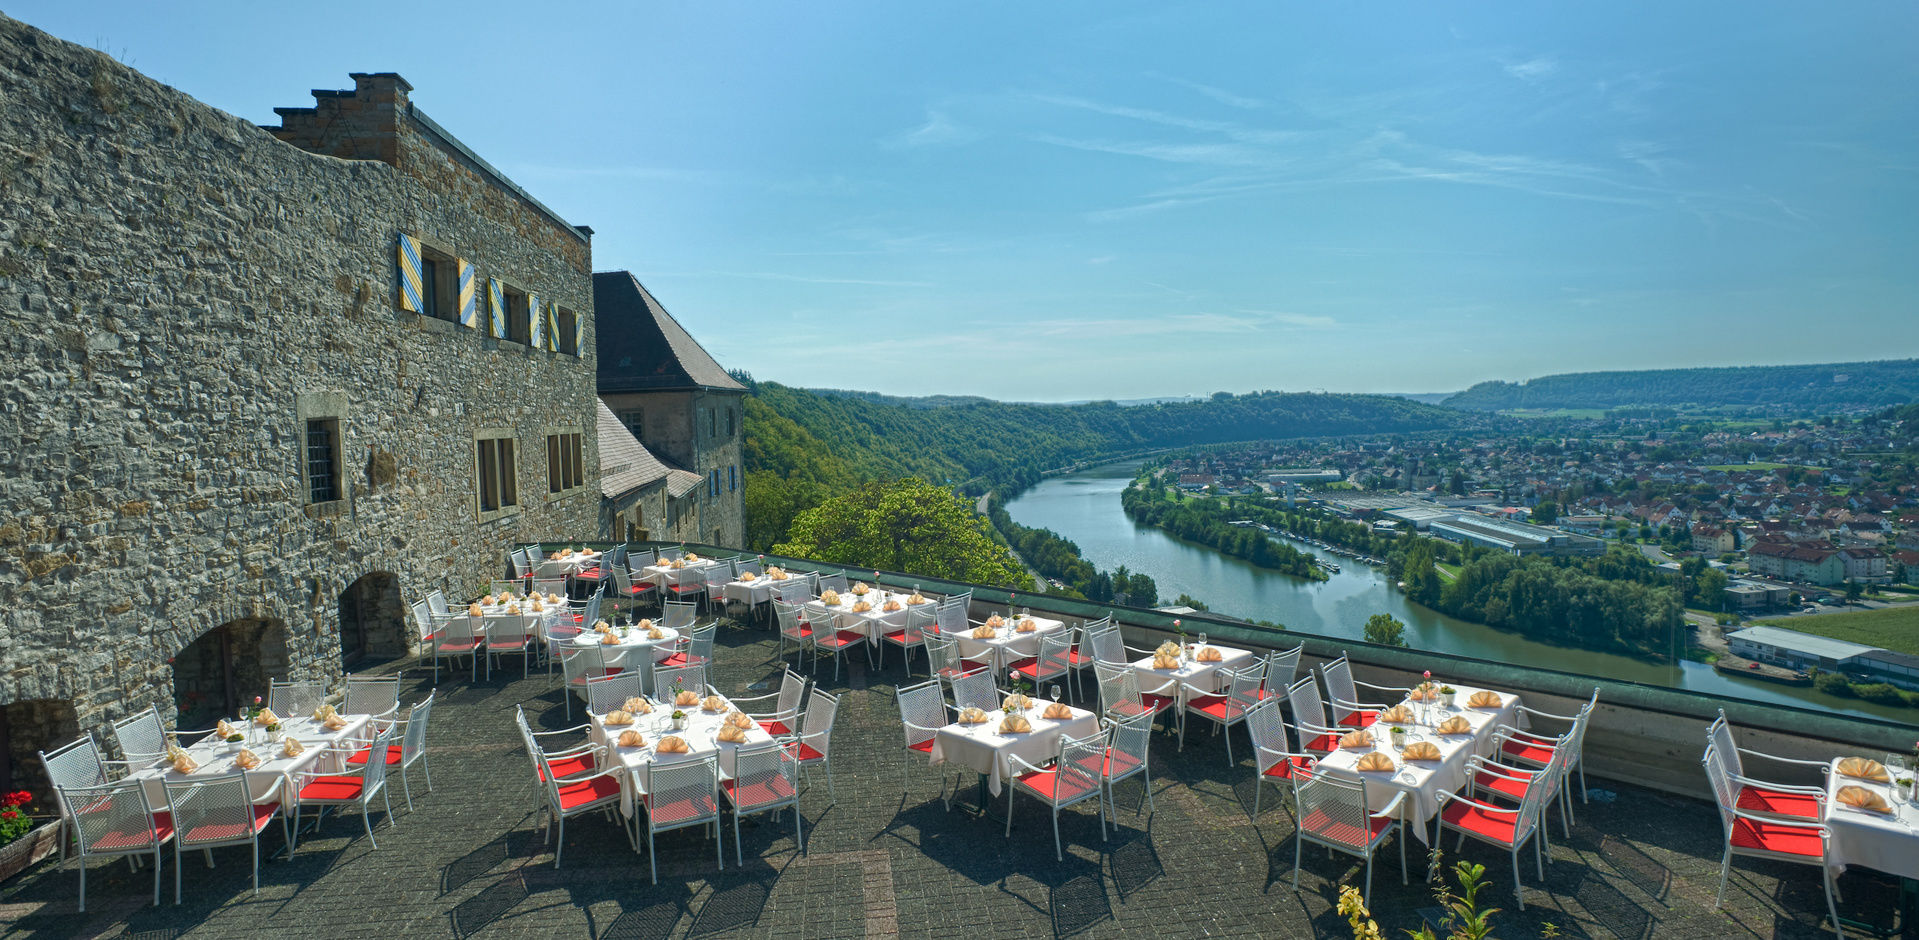 4 Sterne Hotel Hornberg Burghotel Heilbronn Neckarzimmern Heidelberg